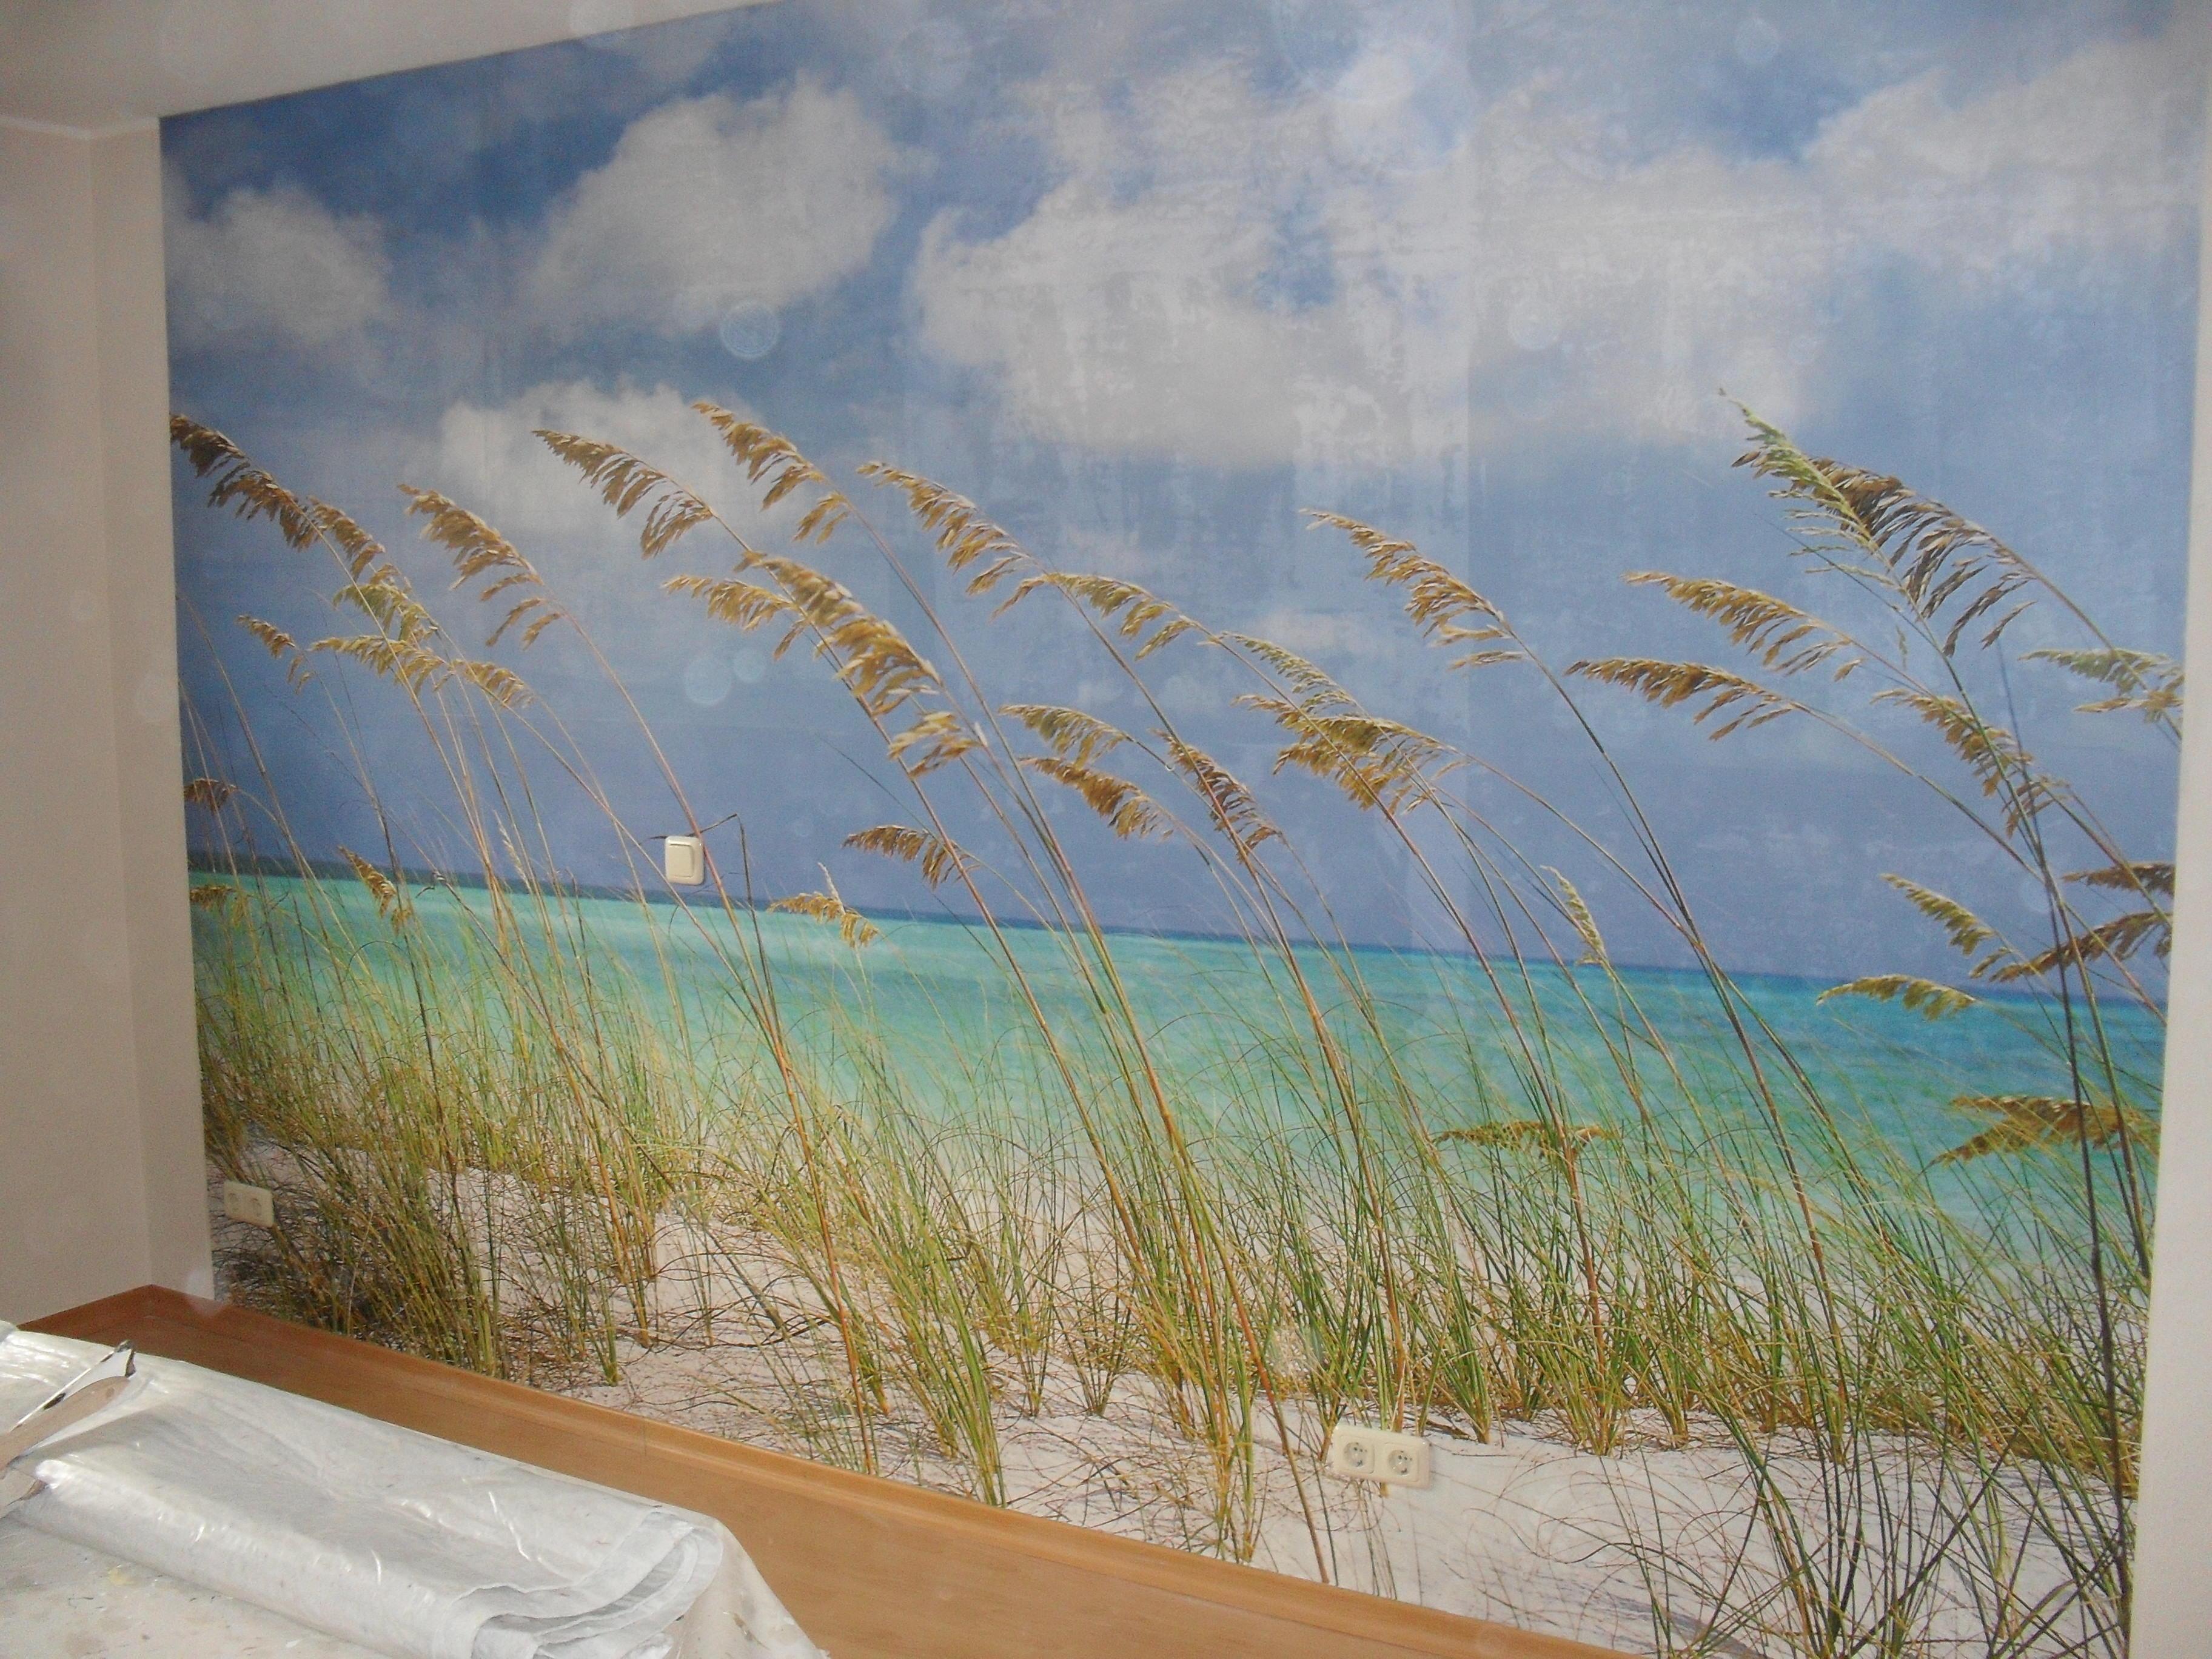 neue farbe krefeld maler und abdeckungsunternehmen krefeld deutschland tel 021517886. Black Bedroom Furniture Sets. Home Design Ideas